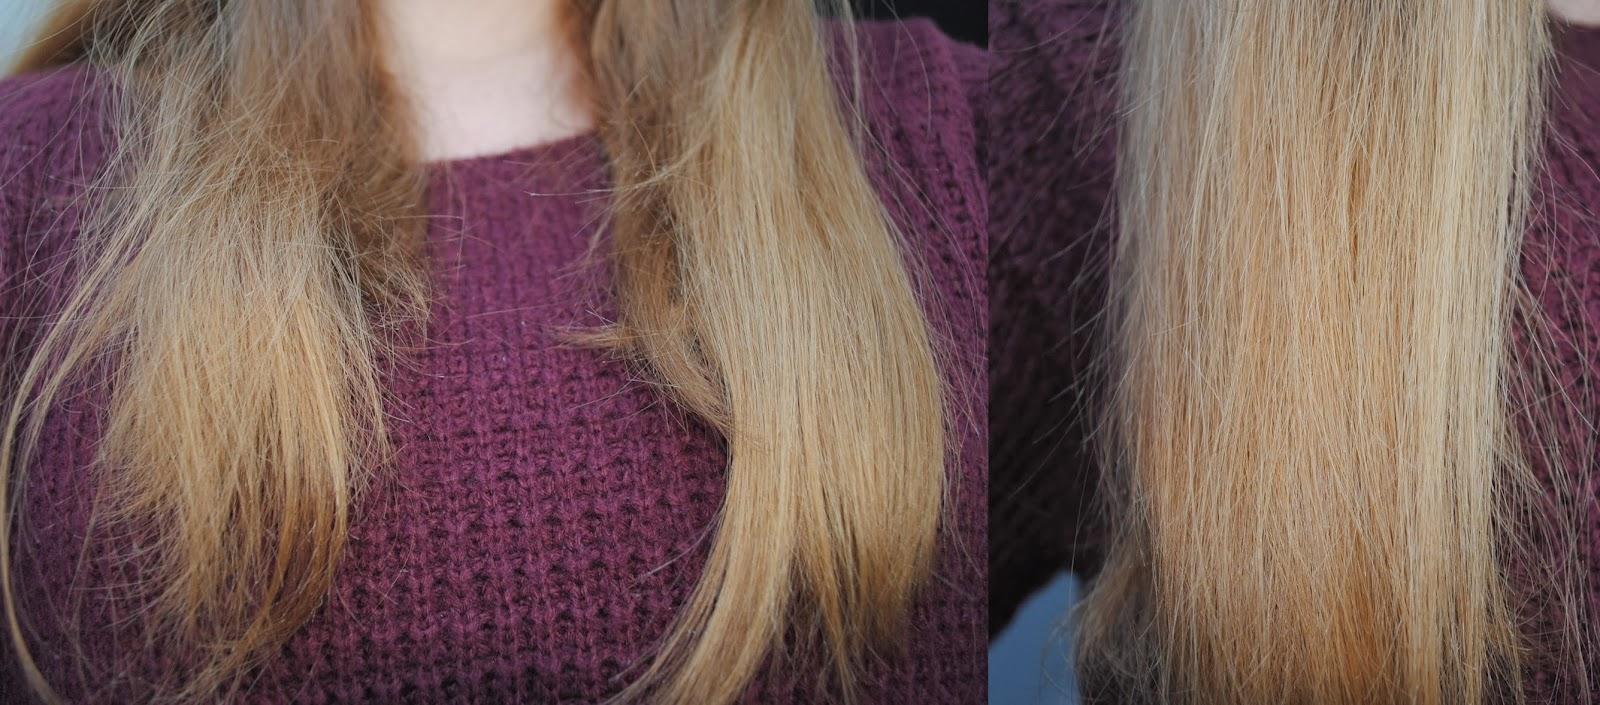 et voil ce stade jai vraiment beaucoup moins de reflets roux et beaucoup plus de blonds dans mes cheveux - Super Eclaircissant Sur Cheveux Colores